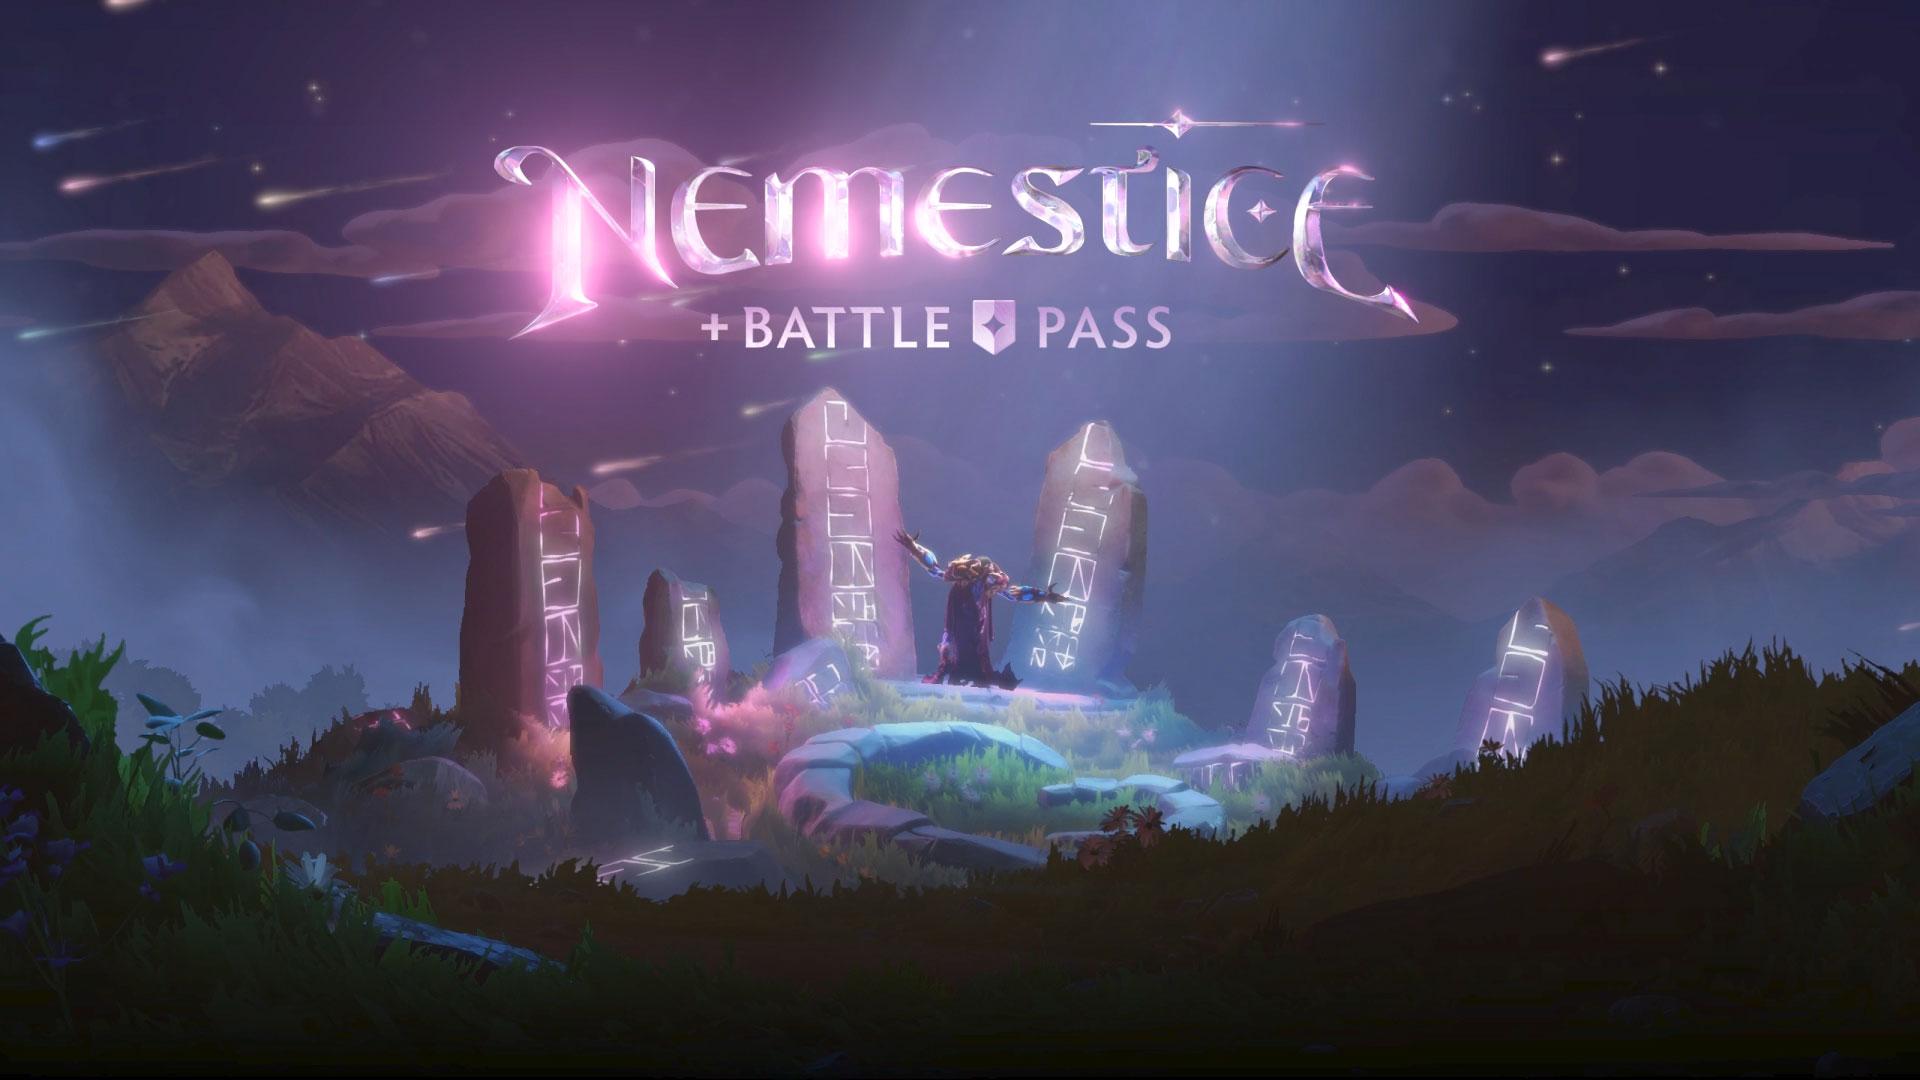 nemestice-battle-pass